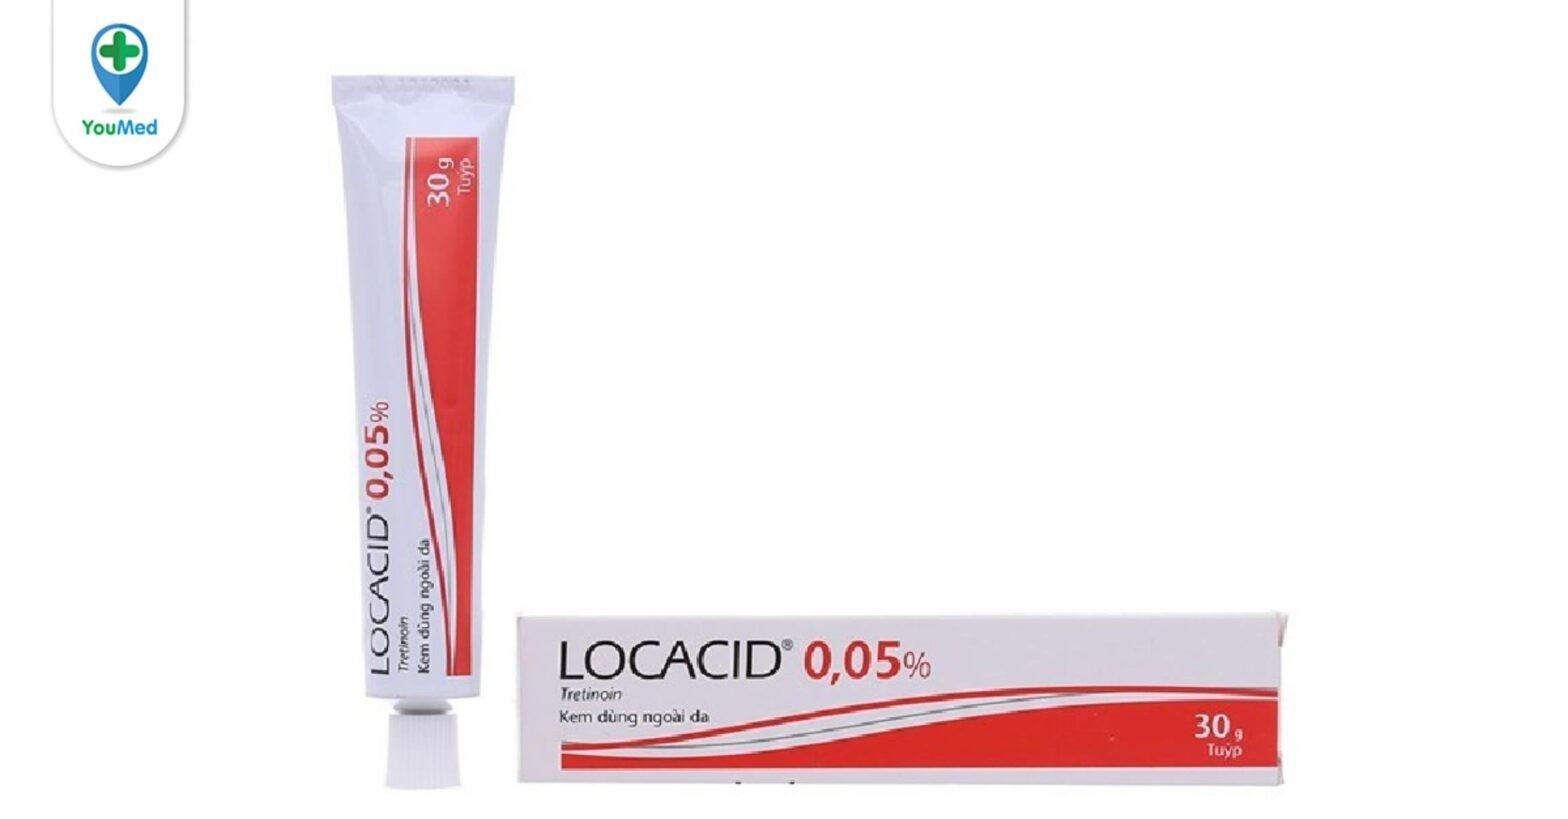 Thuốc trị mụn Locacid 0,05% : giá, cách dùng hiệu quả và những lưu ý